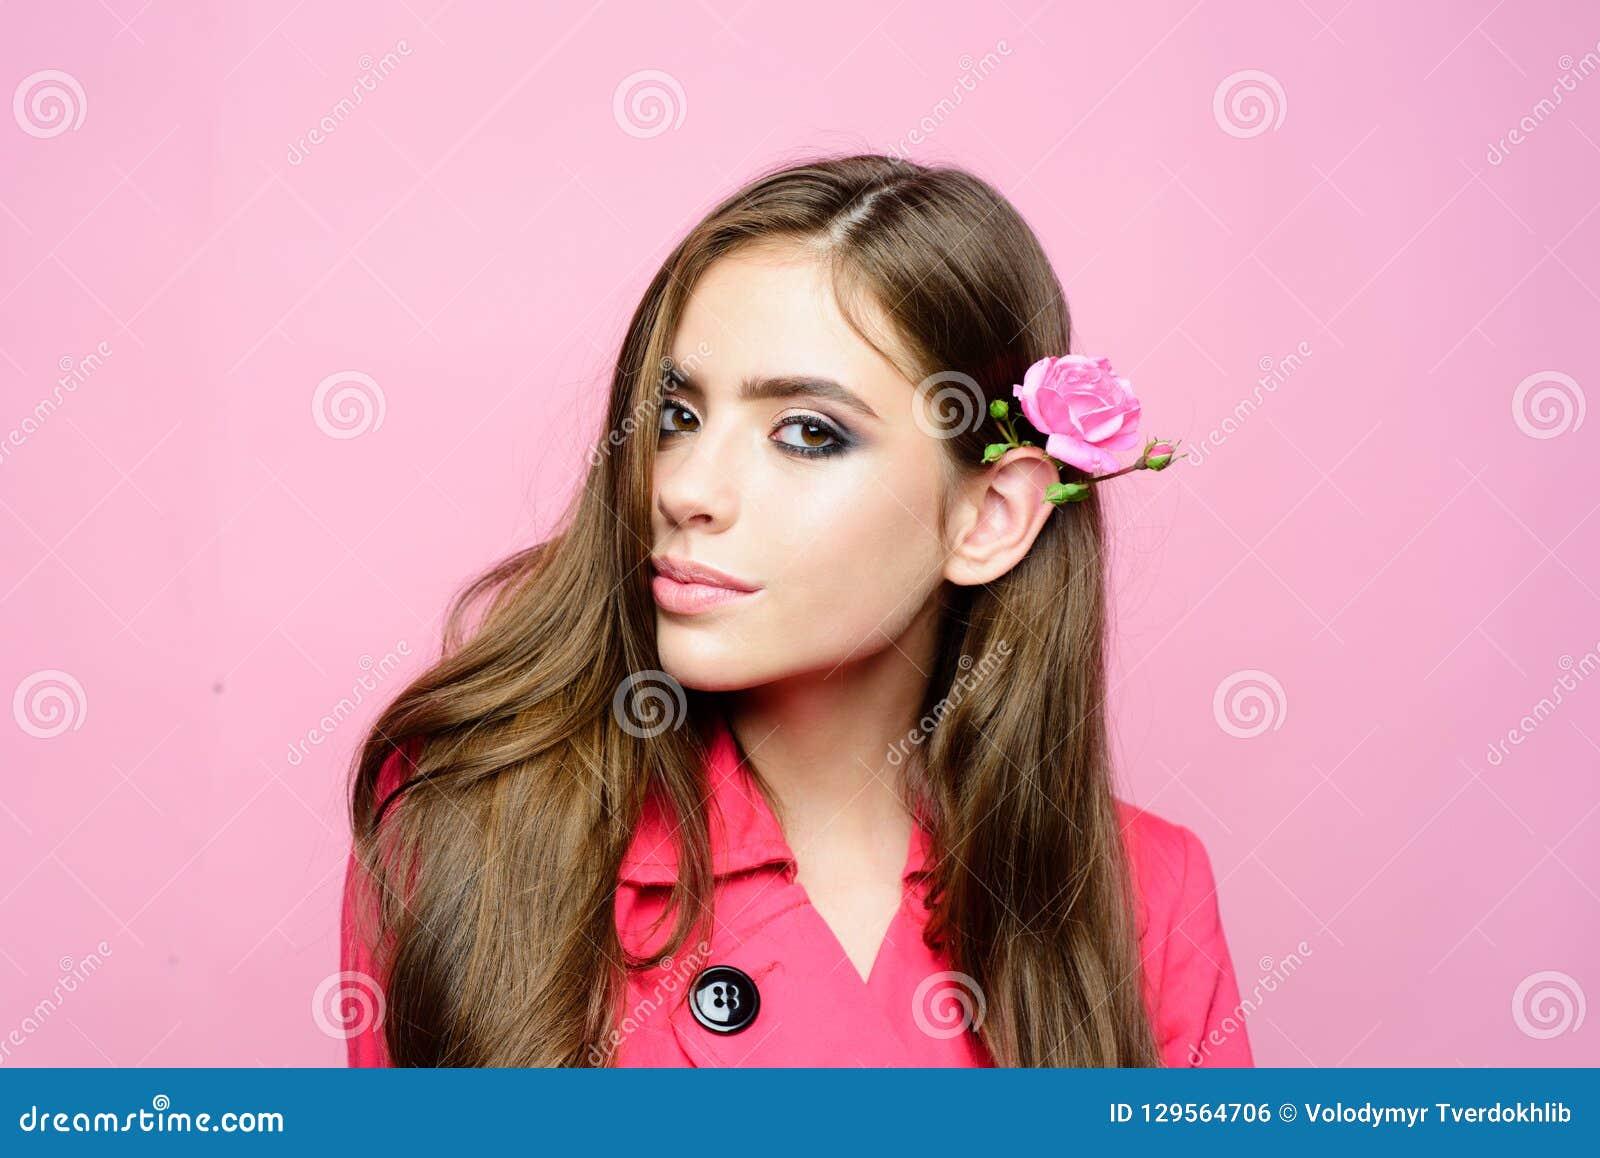 Καλλυντικά Makeup και skincare γυναίκα πορτρέτου μόδας Σαλόνι και κομμωτής ομορφιάς Κορίτσι με τη γοητεία Makeup Γυναίκα